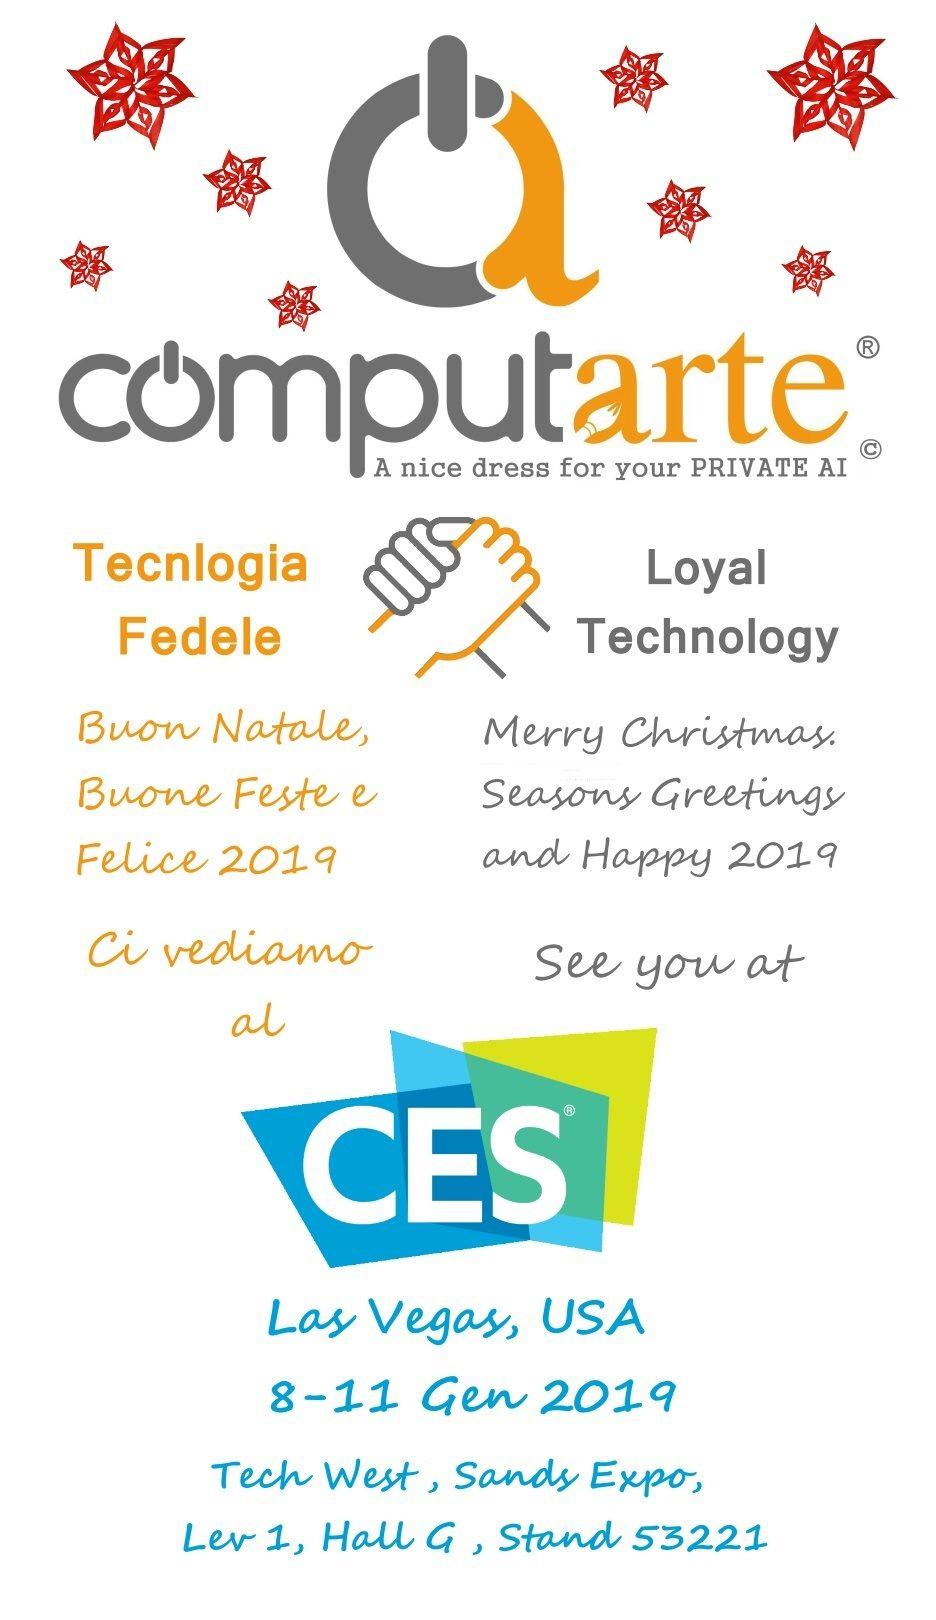 ComputArte Auguri 2019 – Invito CES 2019 – Lancio CompuGatto